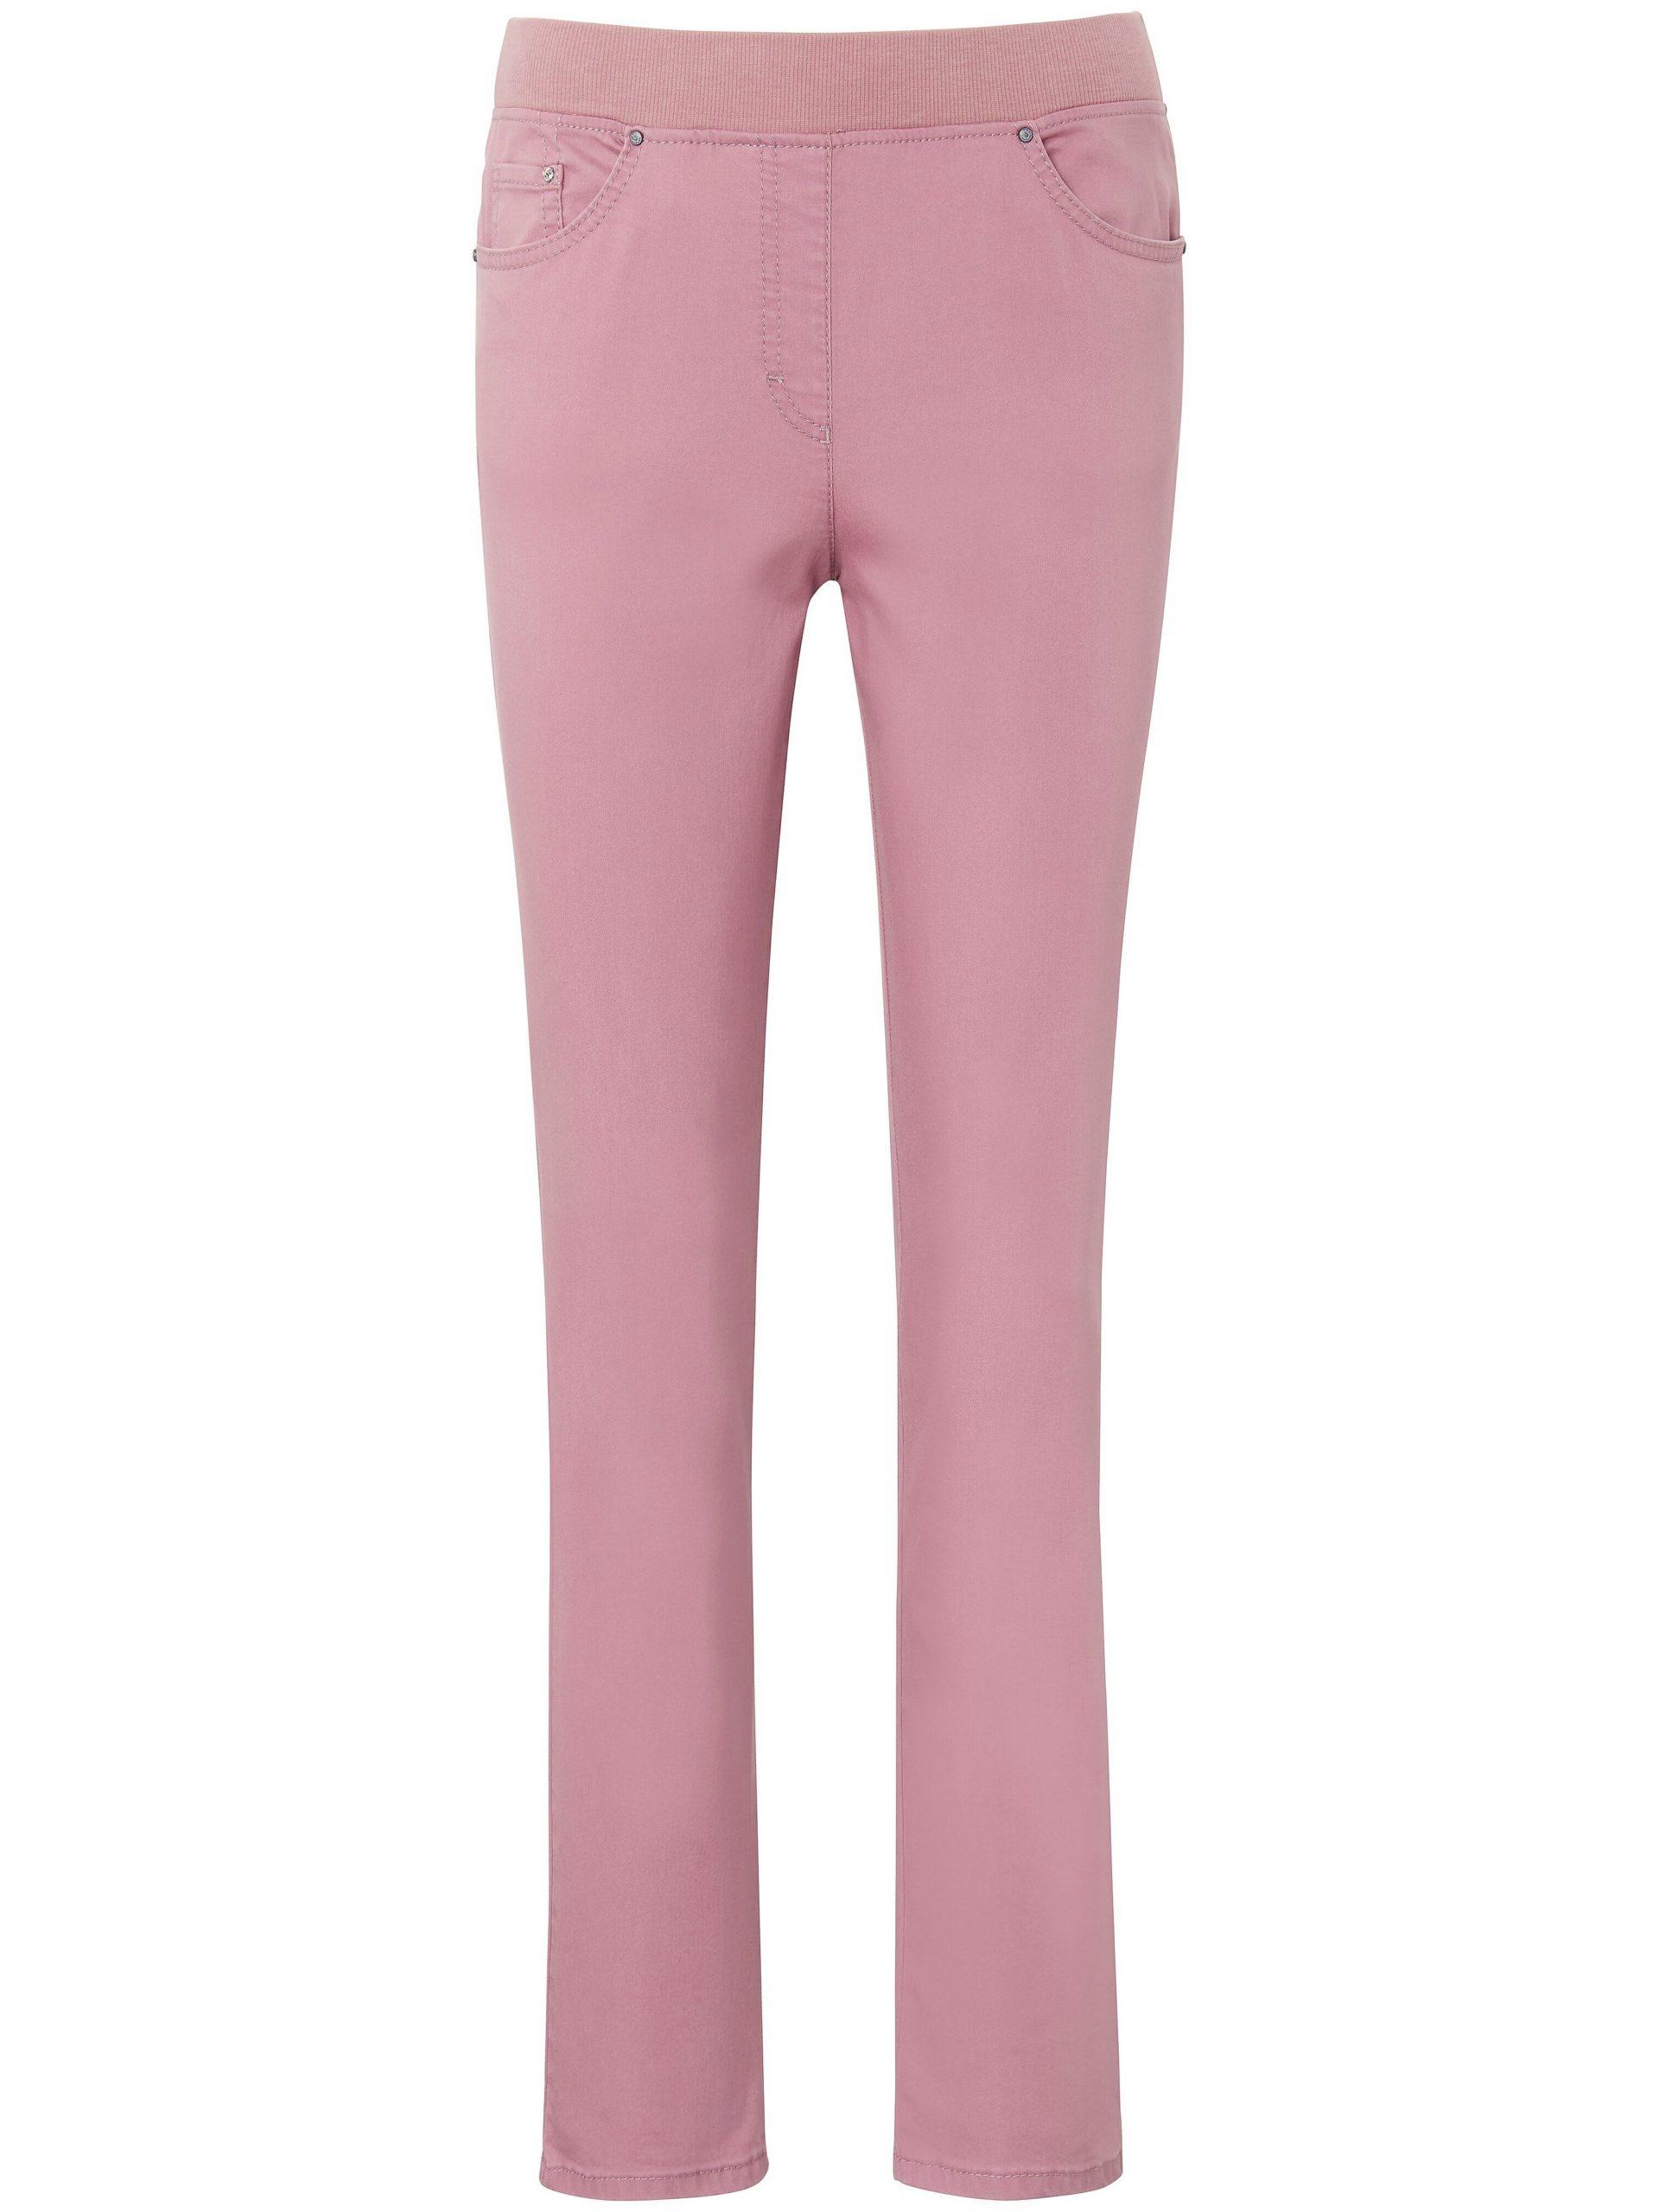 Comfort Plus-jeans model Carina Van Raphaela by Brax paars Kopen